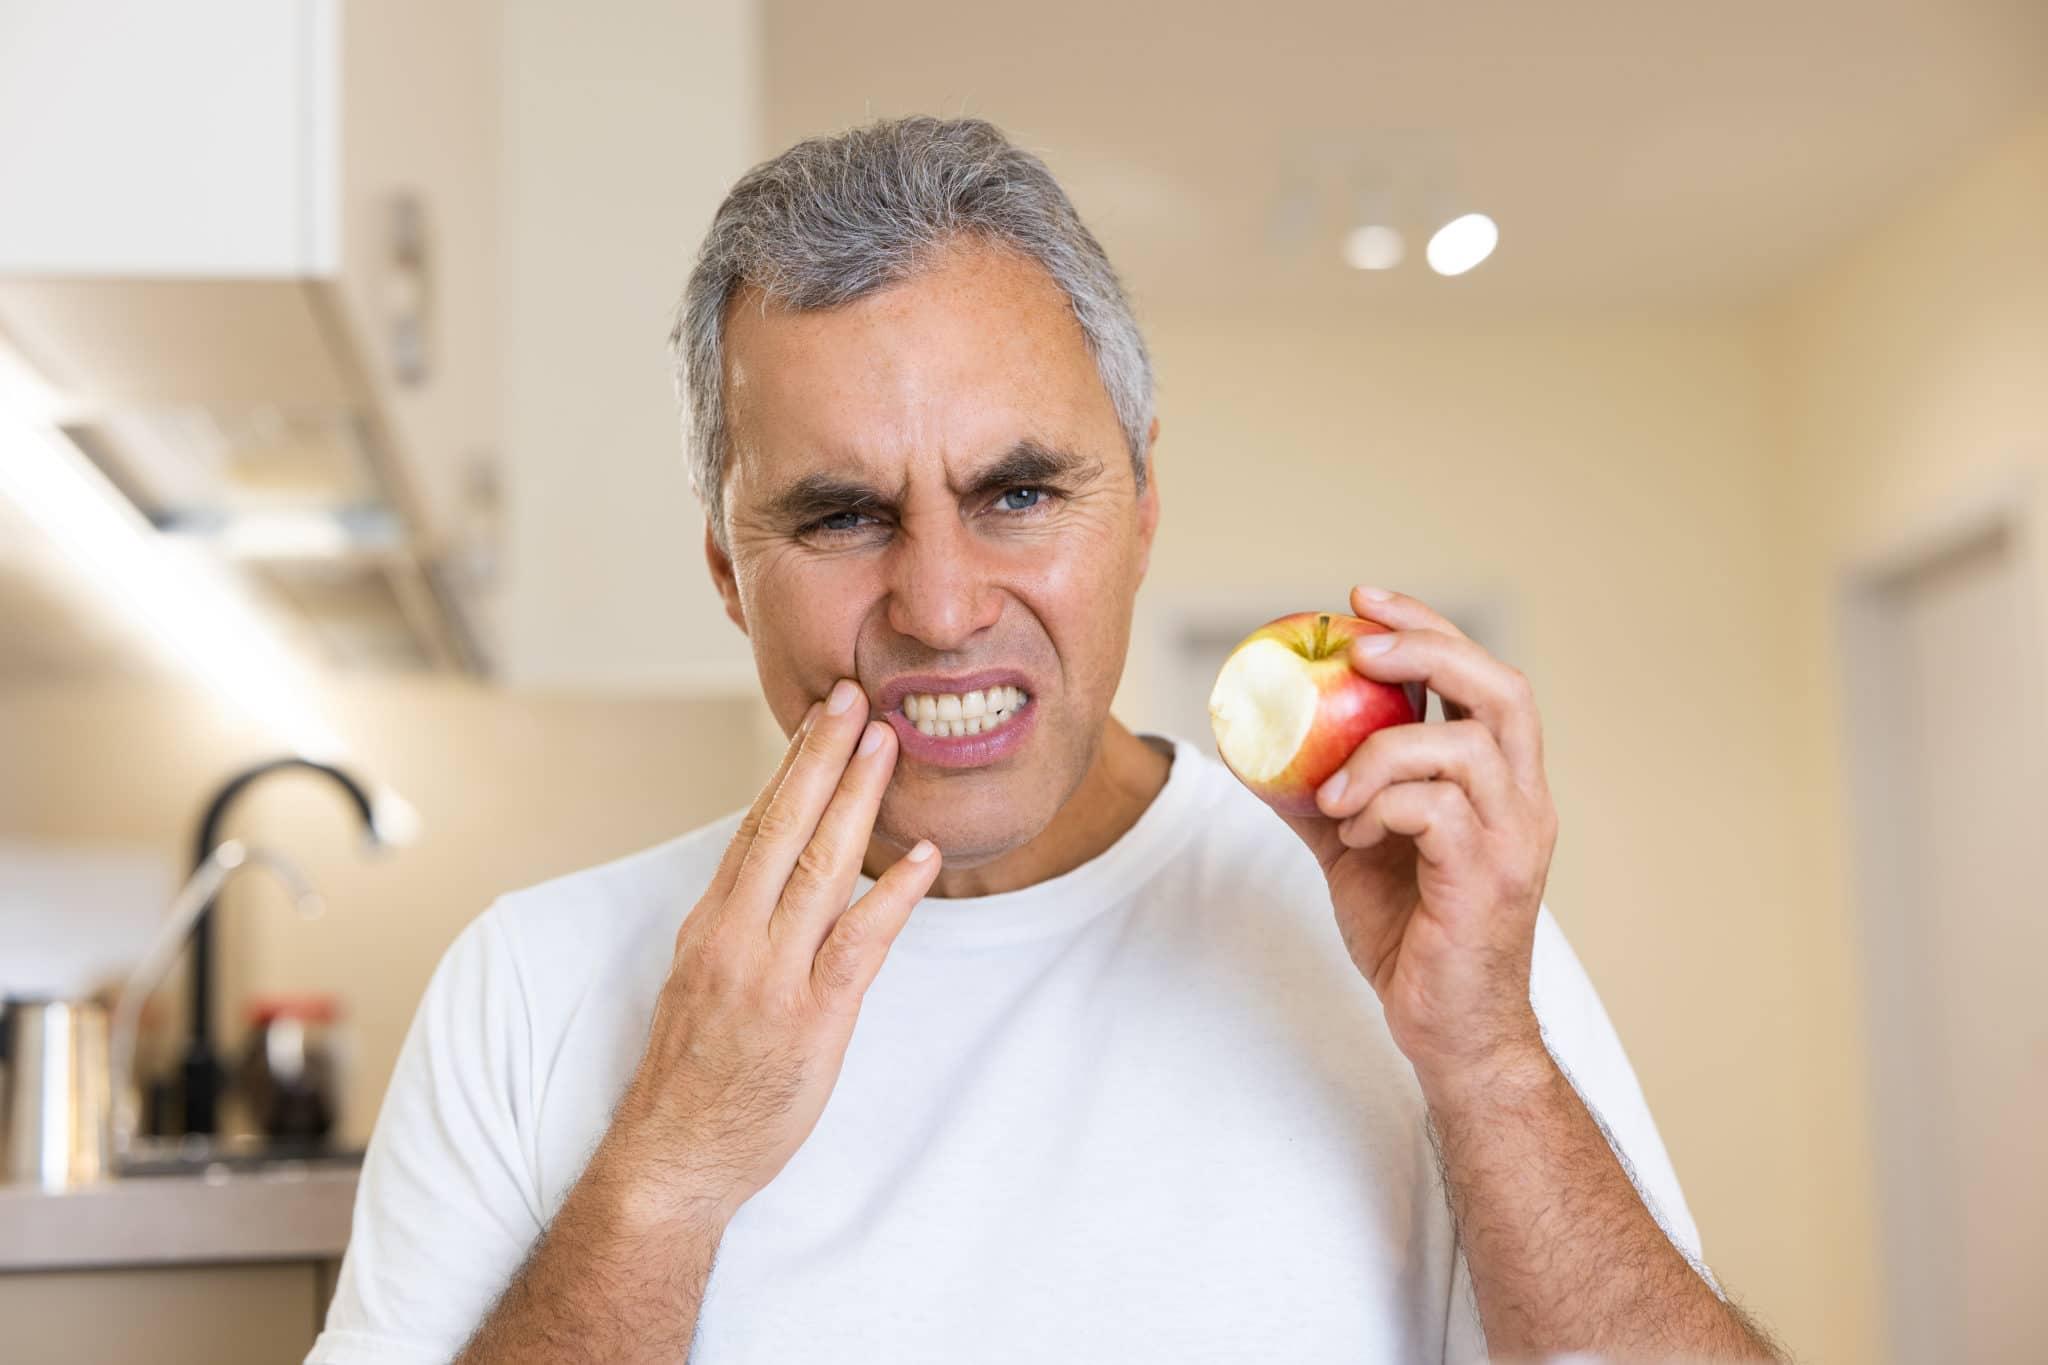 la dent me fait mal quand je mords Image en vedette